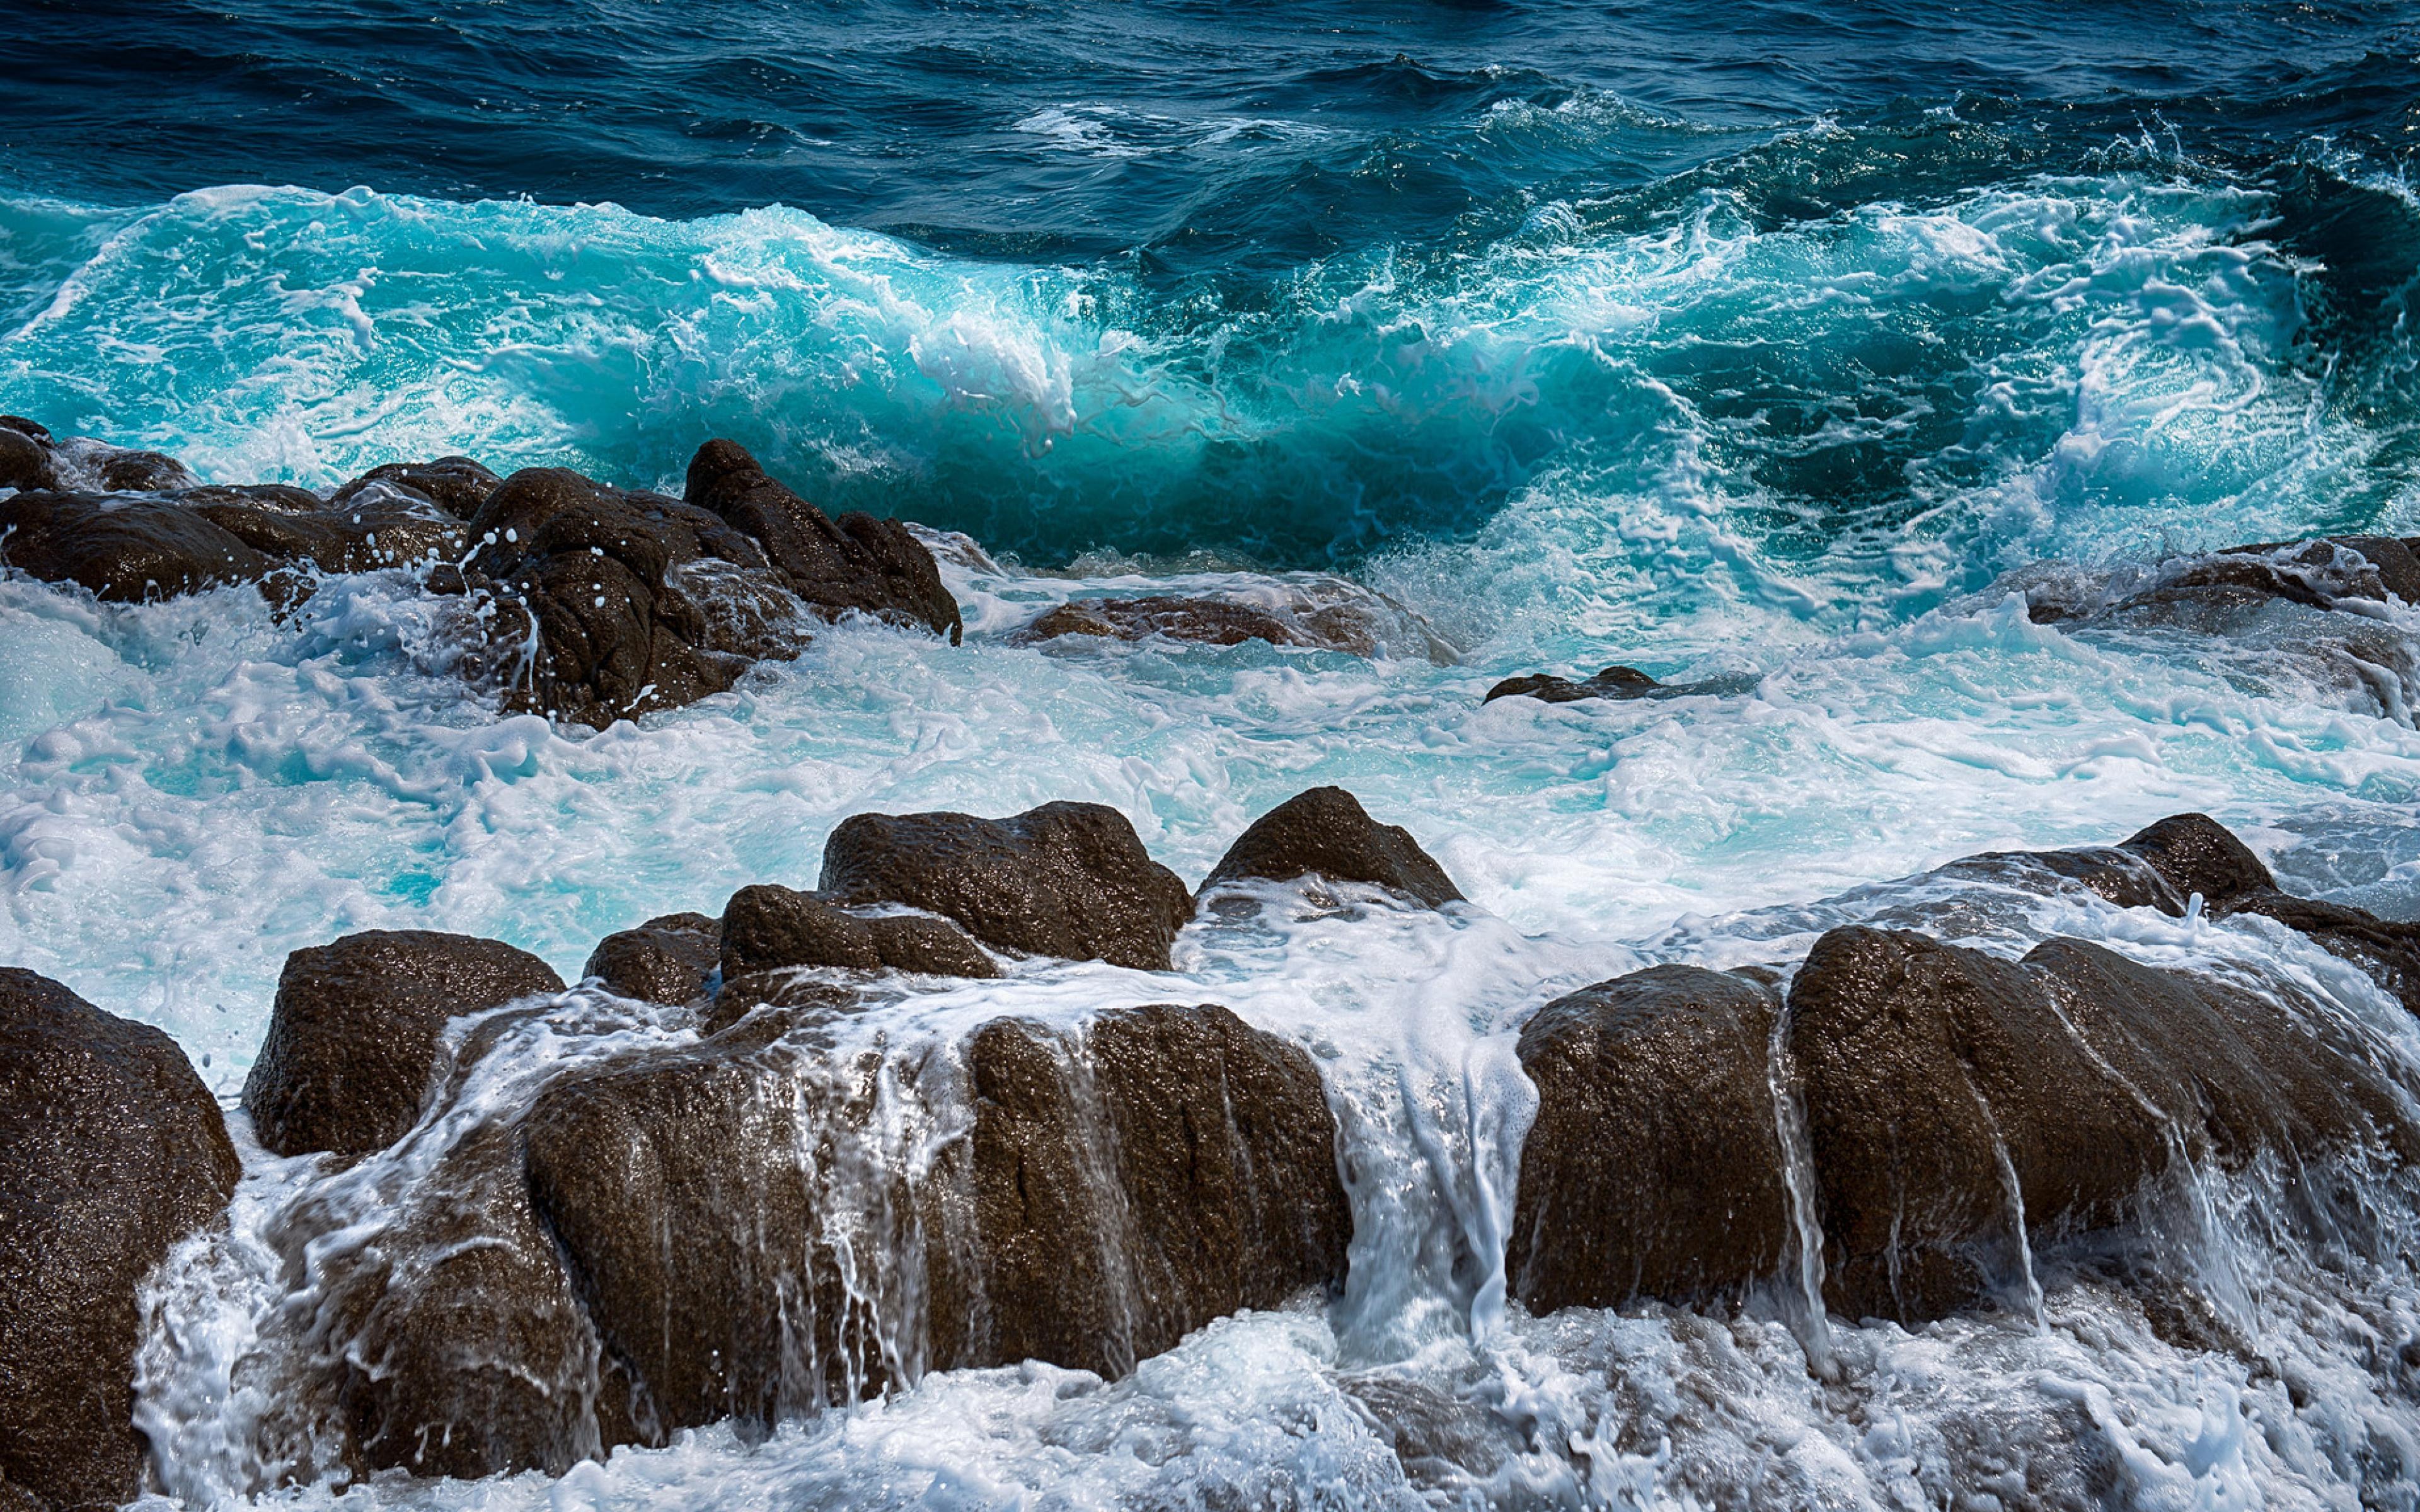 HD Background Ocean Waves Rocks Sea Foam Wallpaper WallpapersByte 3840x2400